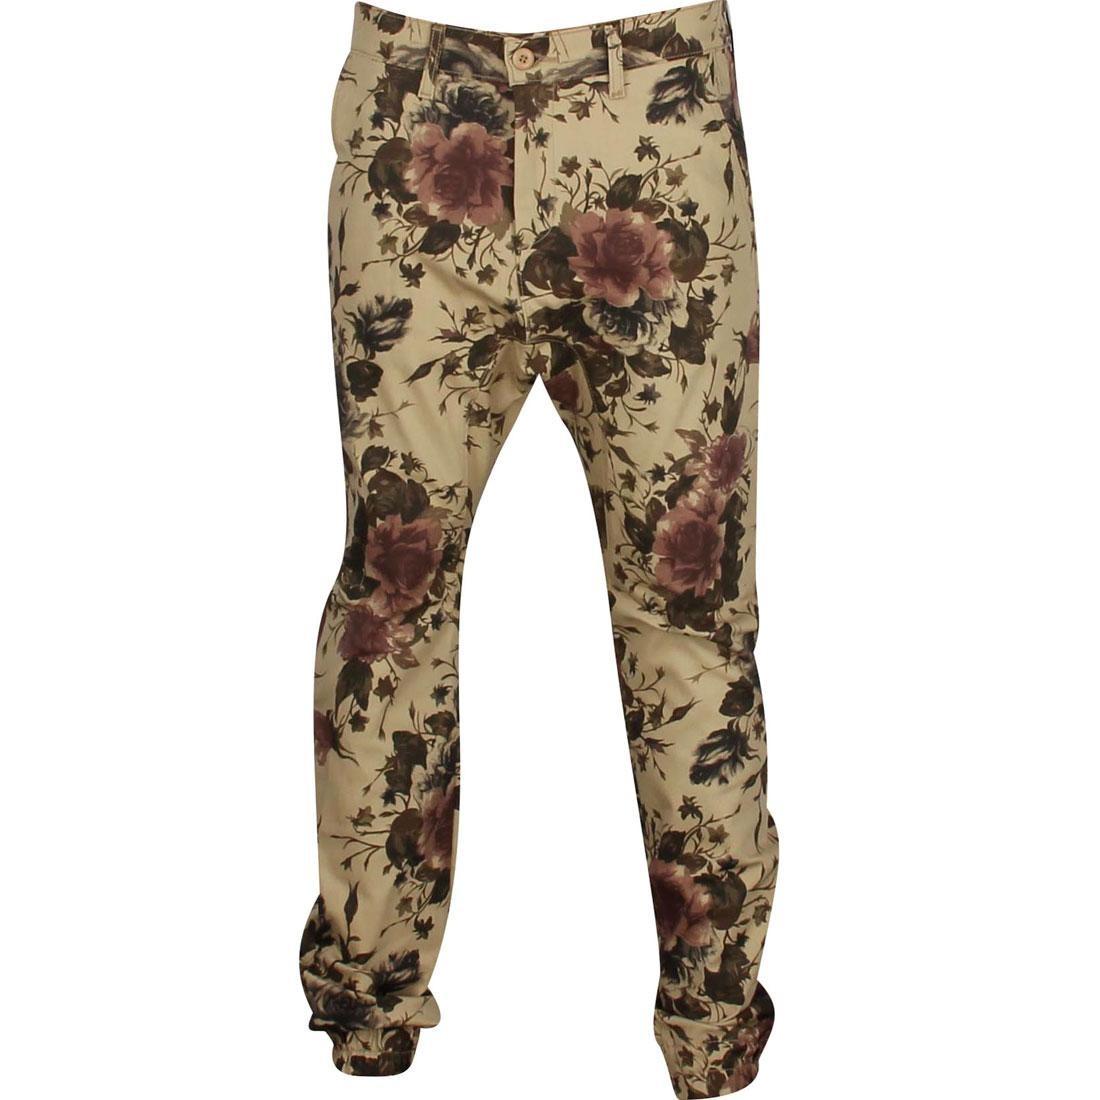 デニム チノ メンズファッション ズボン パンツ メンズ 【 Golden Denim Marathon Sunny Chino Pants (tan / Brown) 】 Tan / Brown